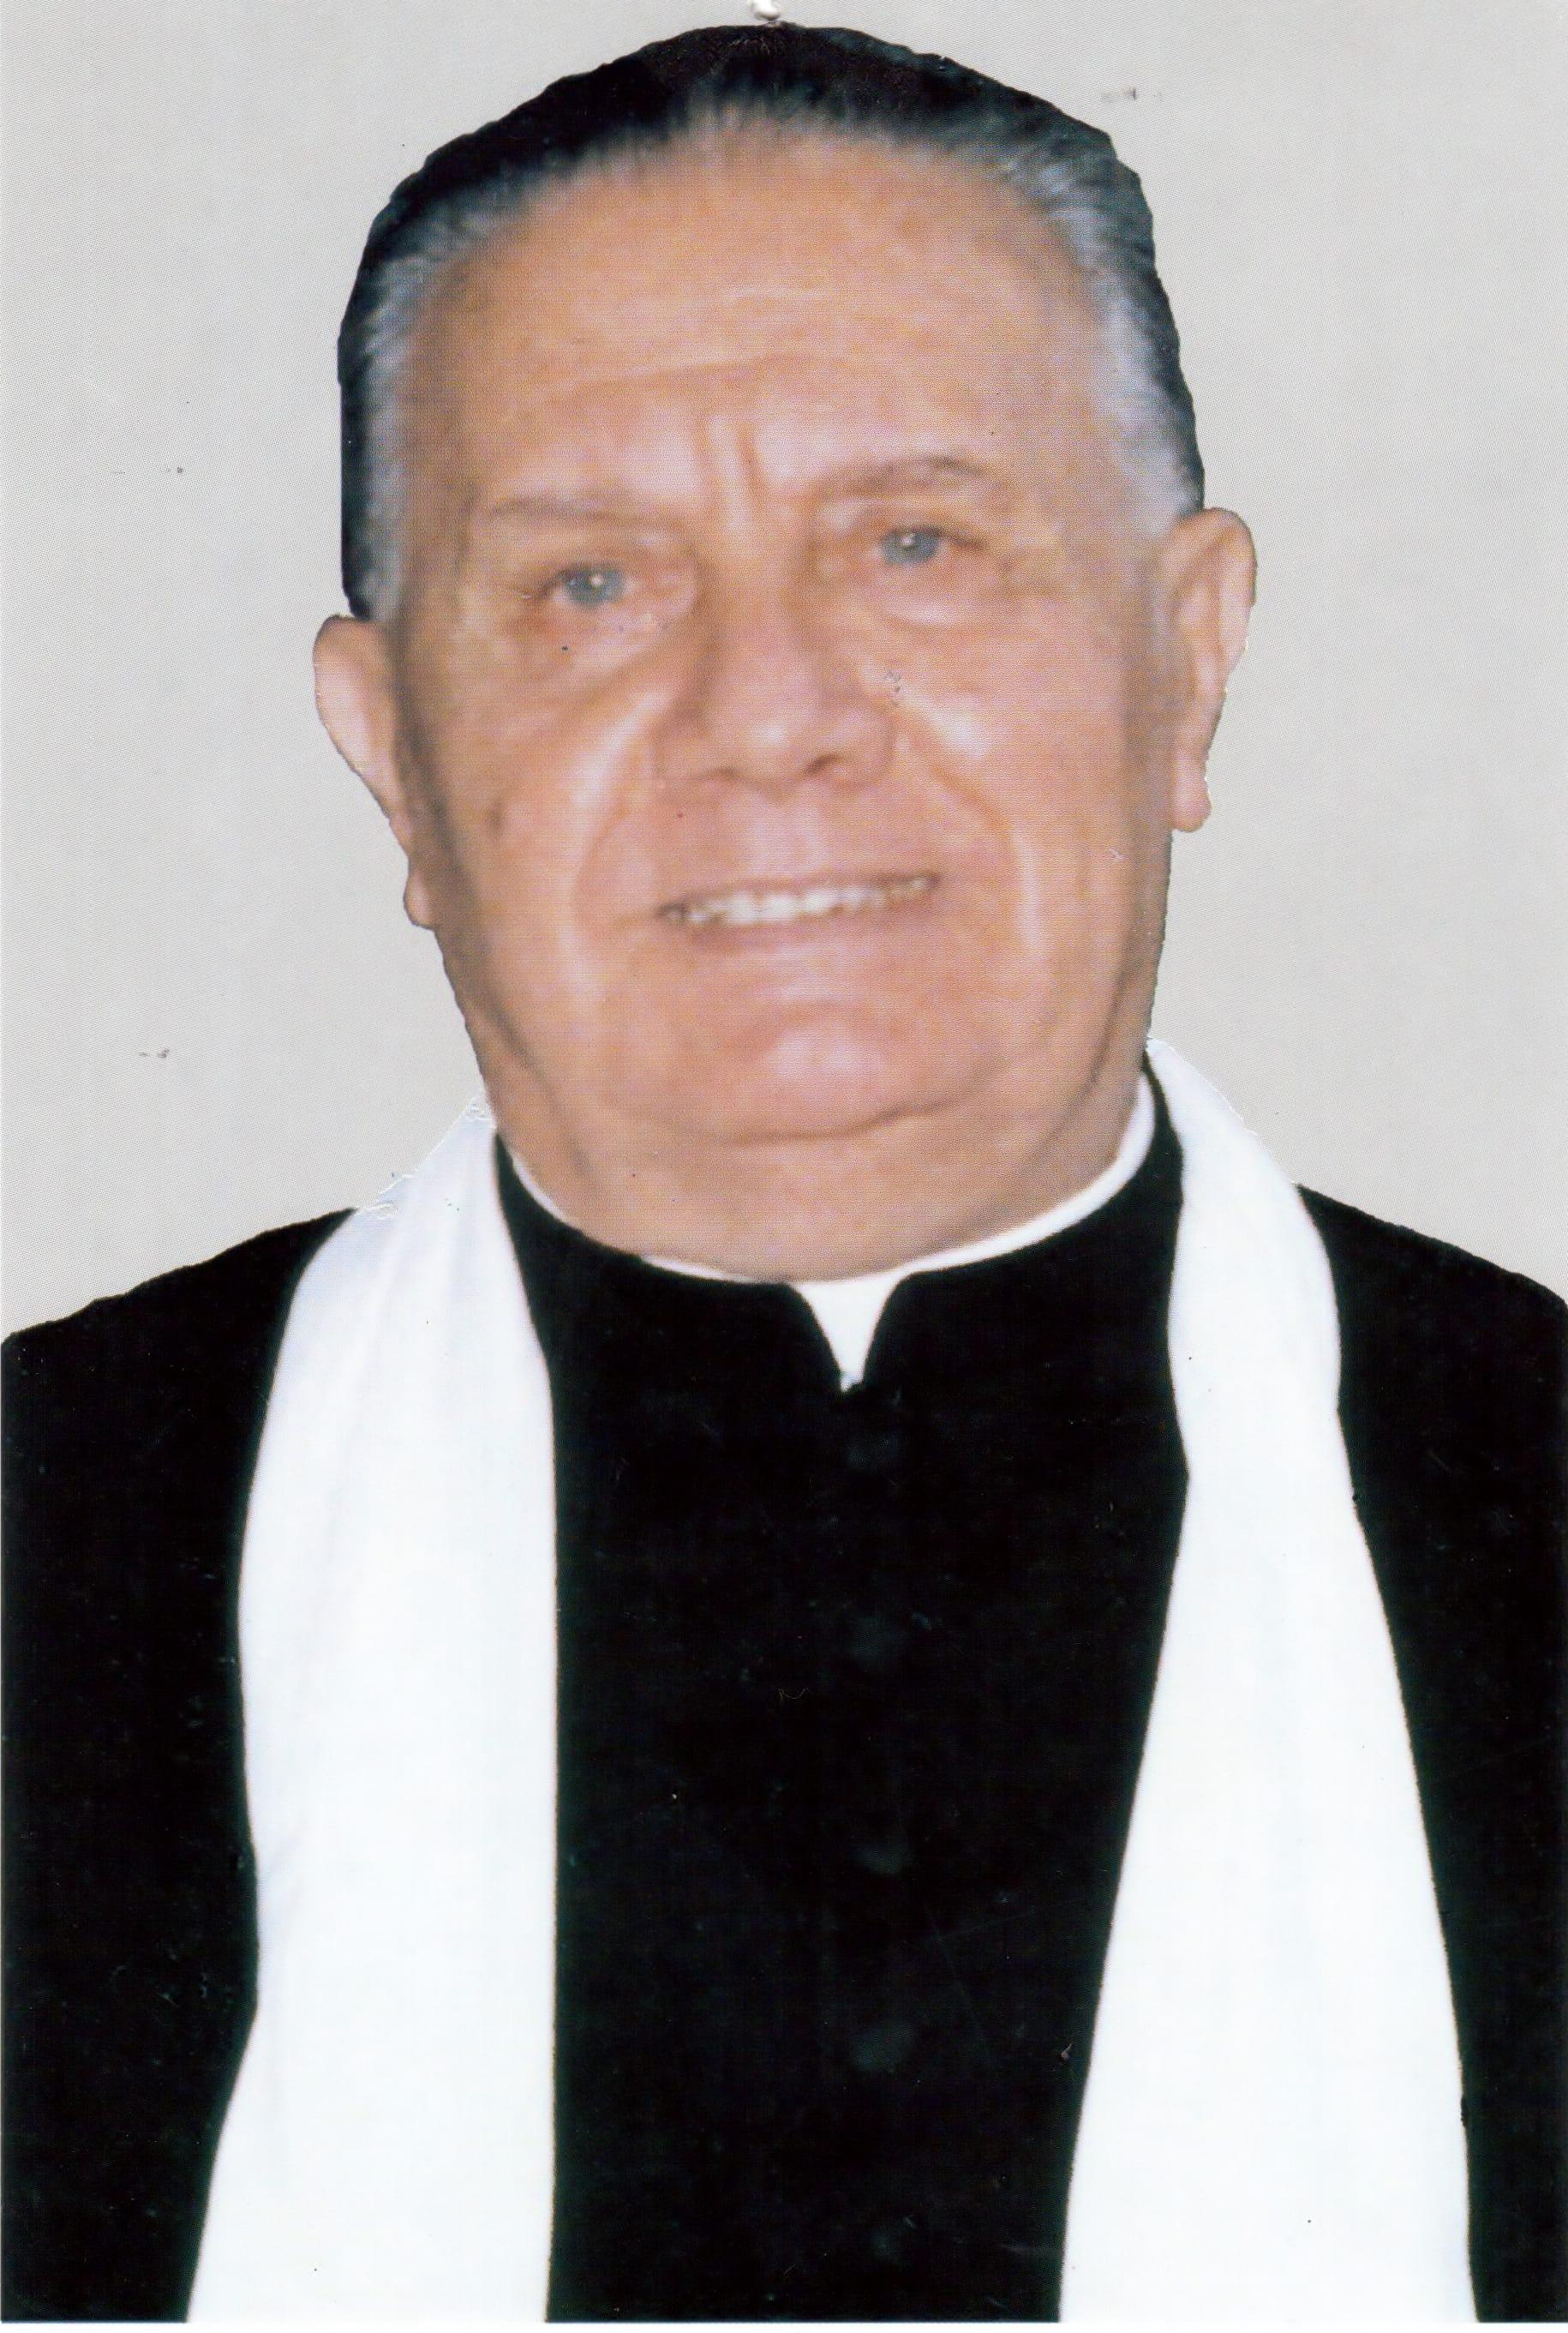 Il Vescovo di Caserta, Mons. D'Alise, celebra la Santa Messa in ricordo di Don Salvatore D'Angelo a 17 anni dalla scomparsa